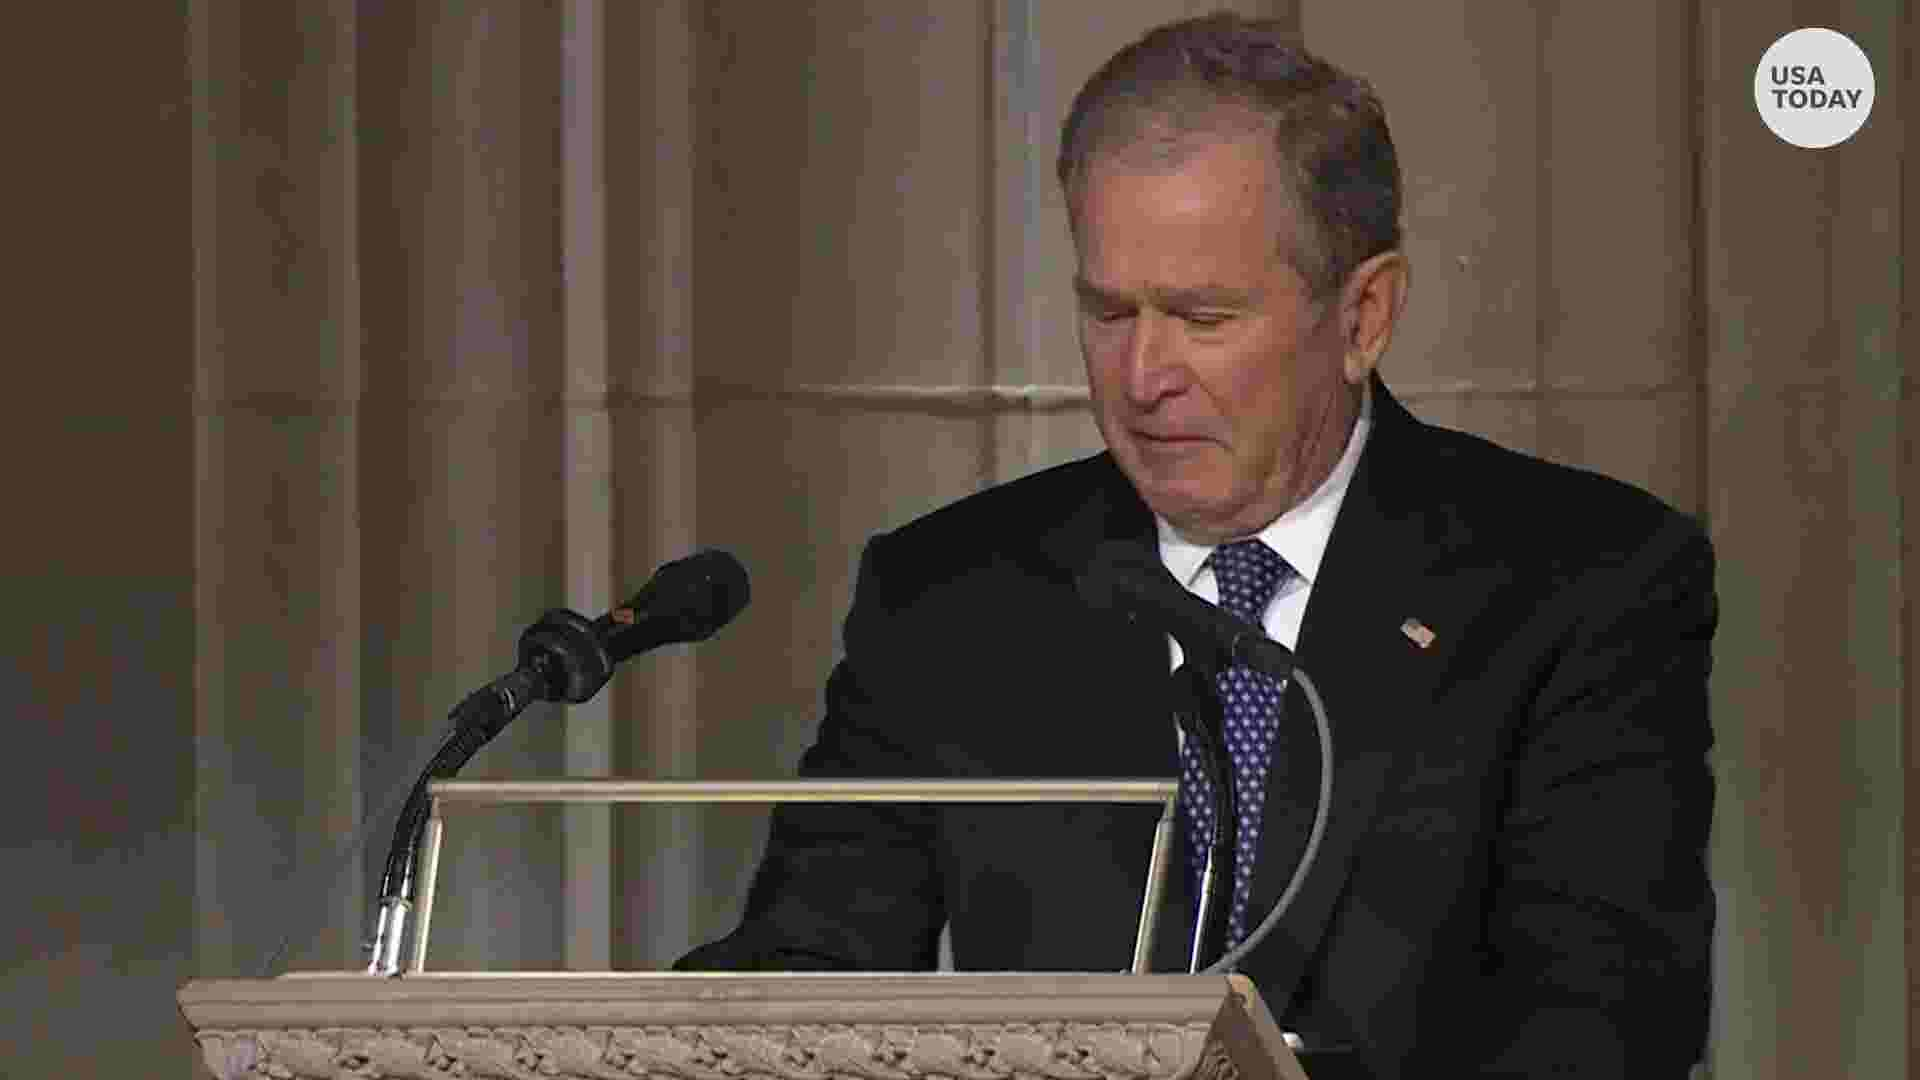 George Hw Bush Funeral George Bush Chokes Back Tears As He Lauds Dad